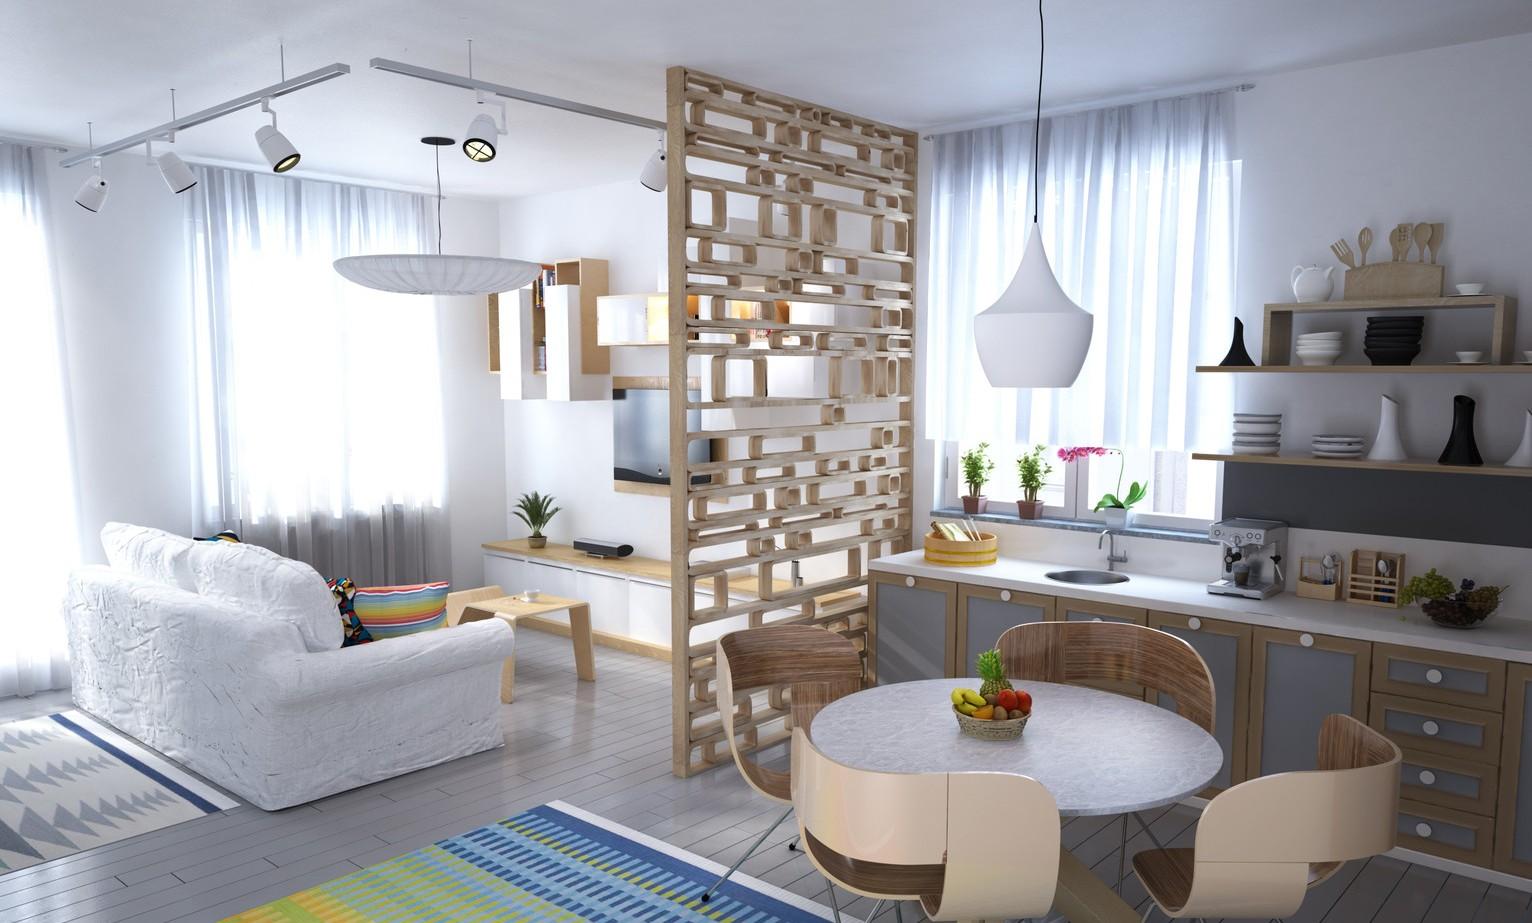 студия в скандинавском стиле 42 фото дизайн квартиры в стилях